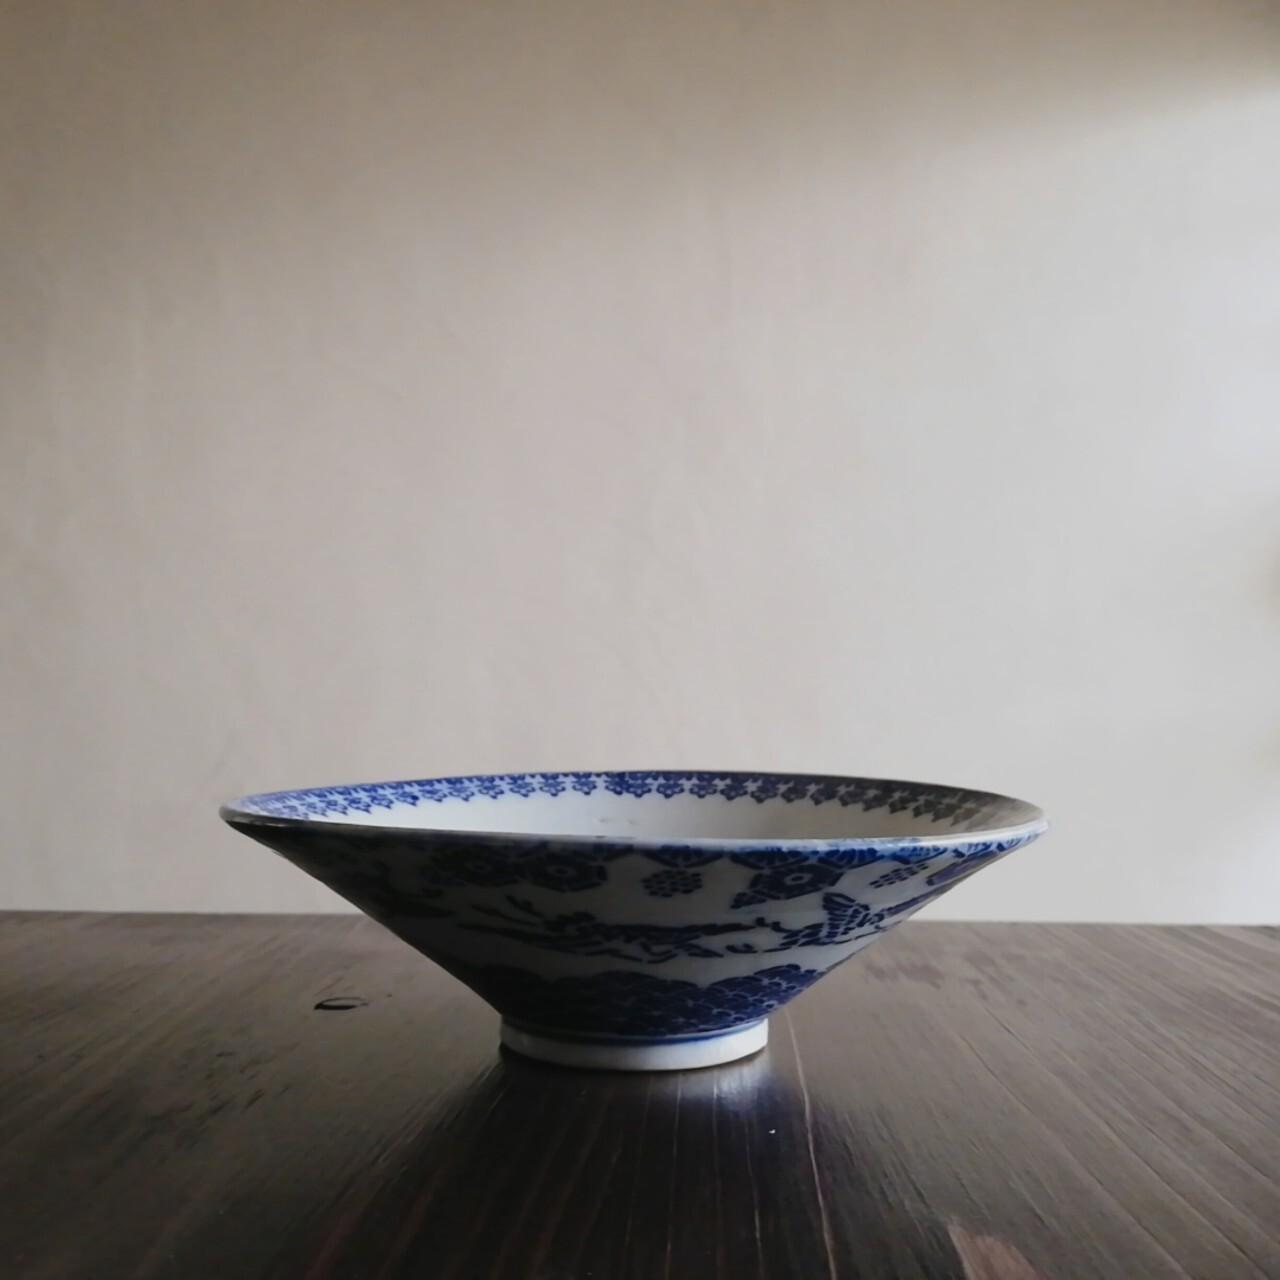 紙摺印判 吉祥紋 目跡のある平鉢【明治】